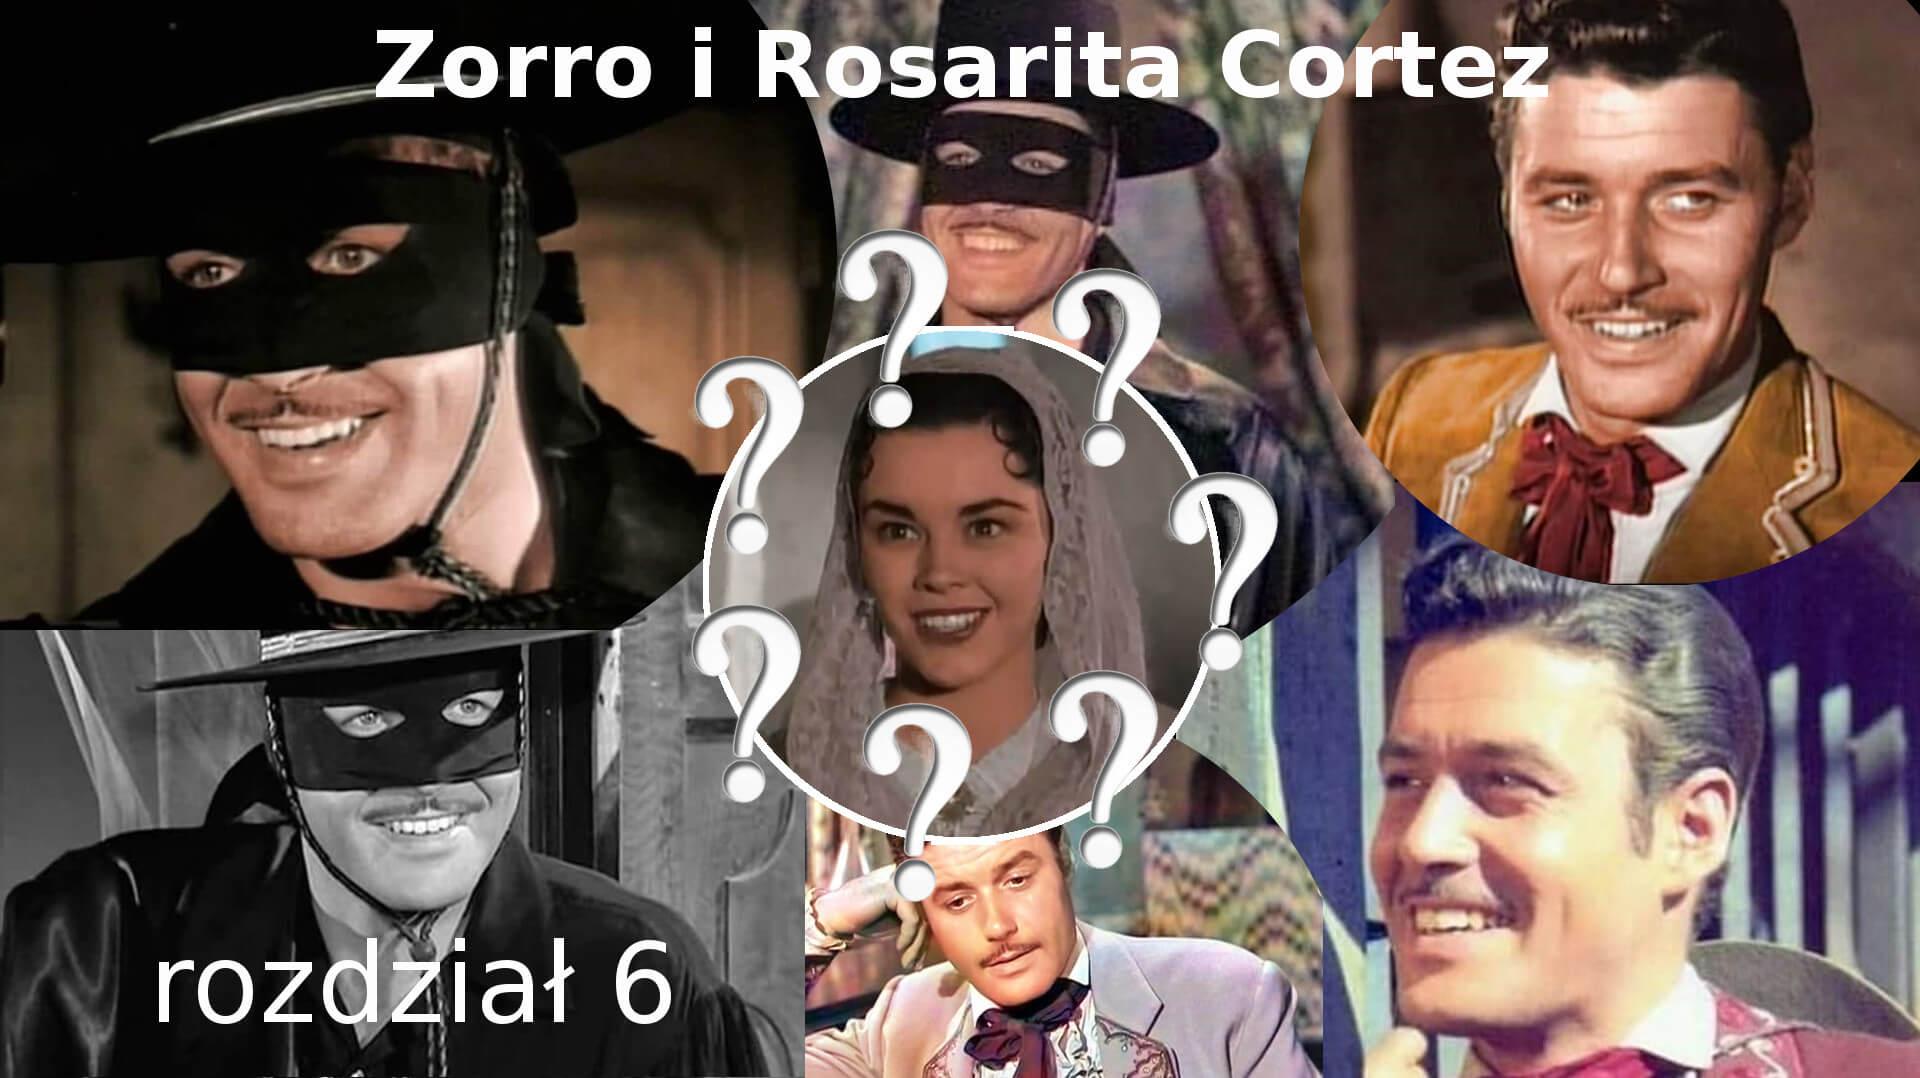 Zorro i Rosarita Cortez rozdział 6 Zorro fanfiction